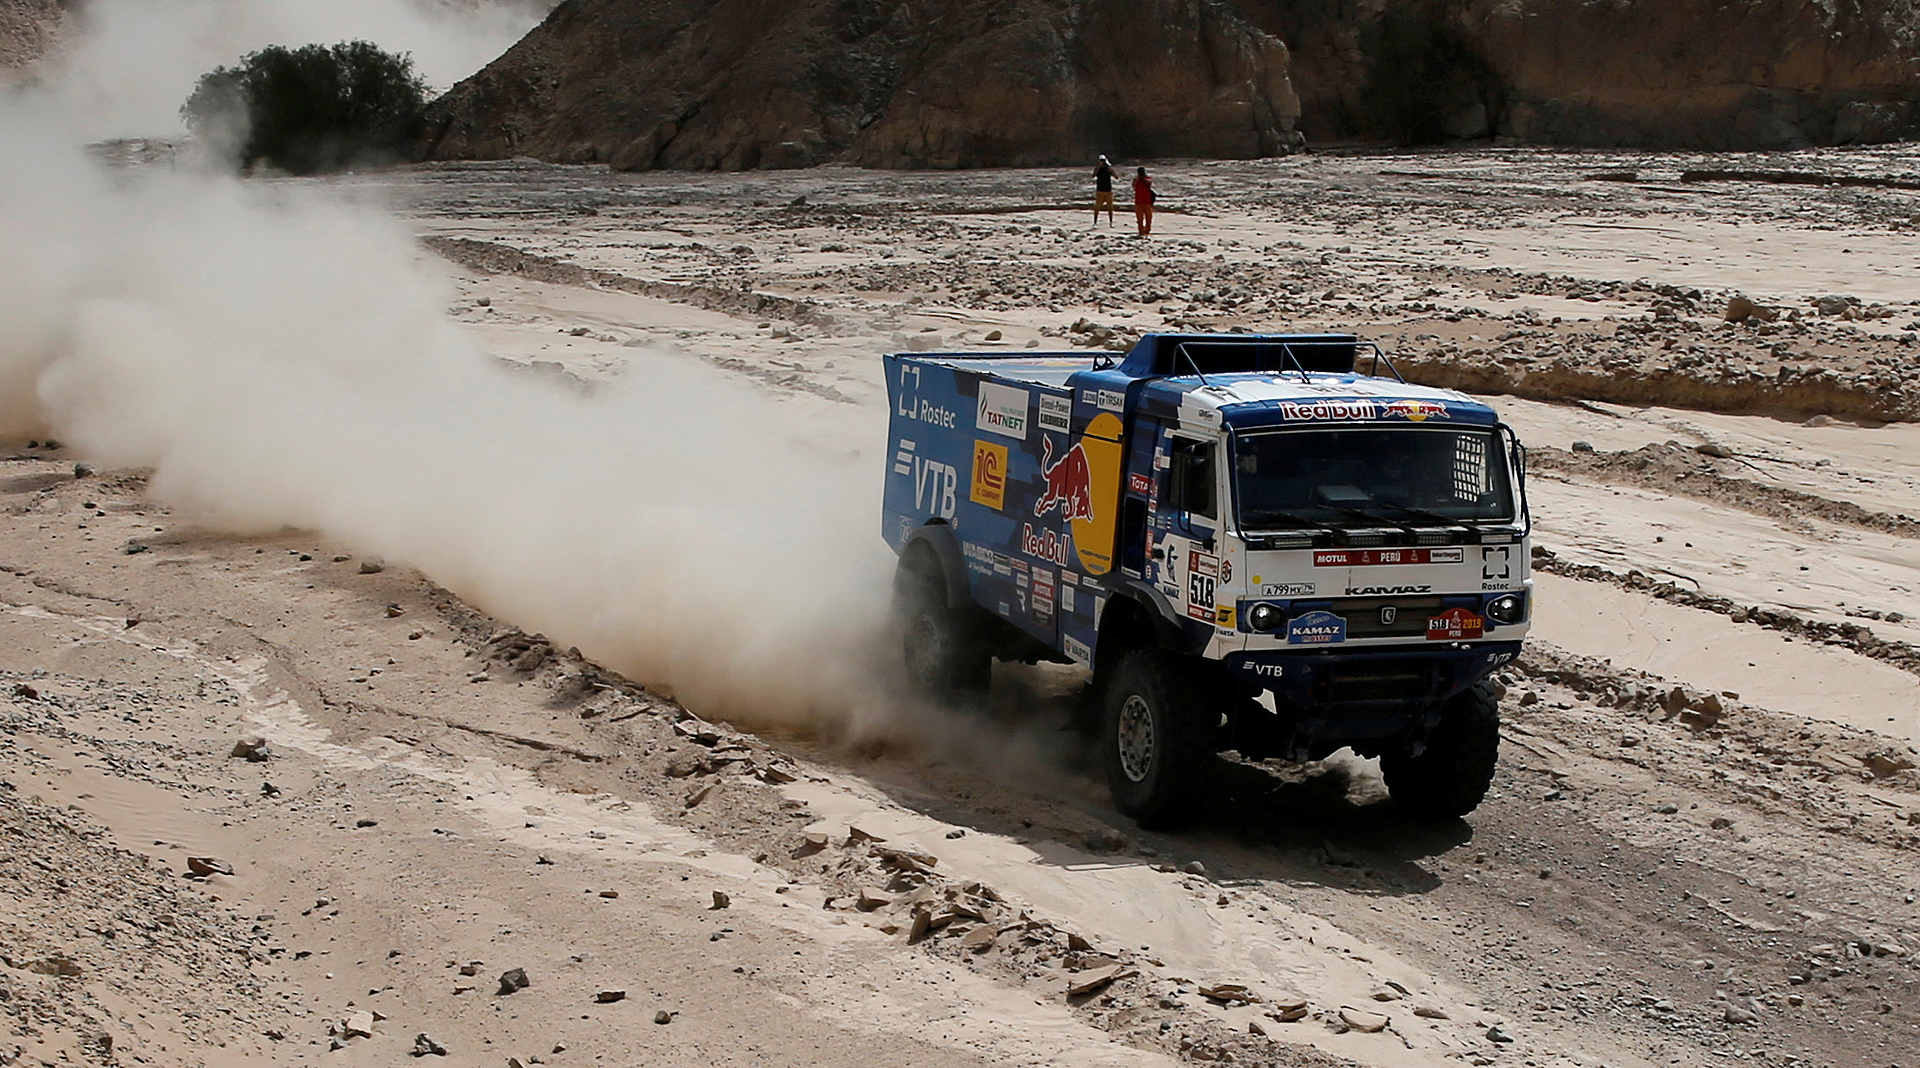 Dakar 2019: Un camión, excluido por atropellar a un espectador y no auxiliarlo